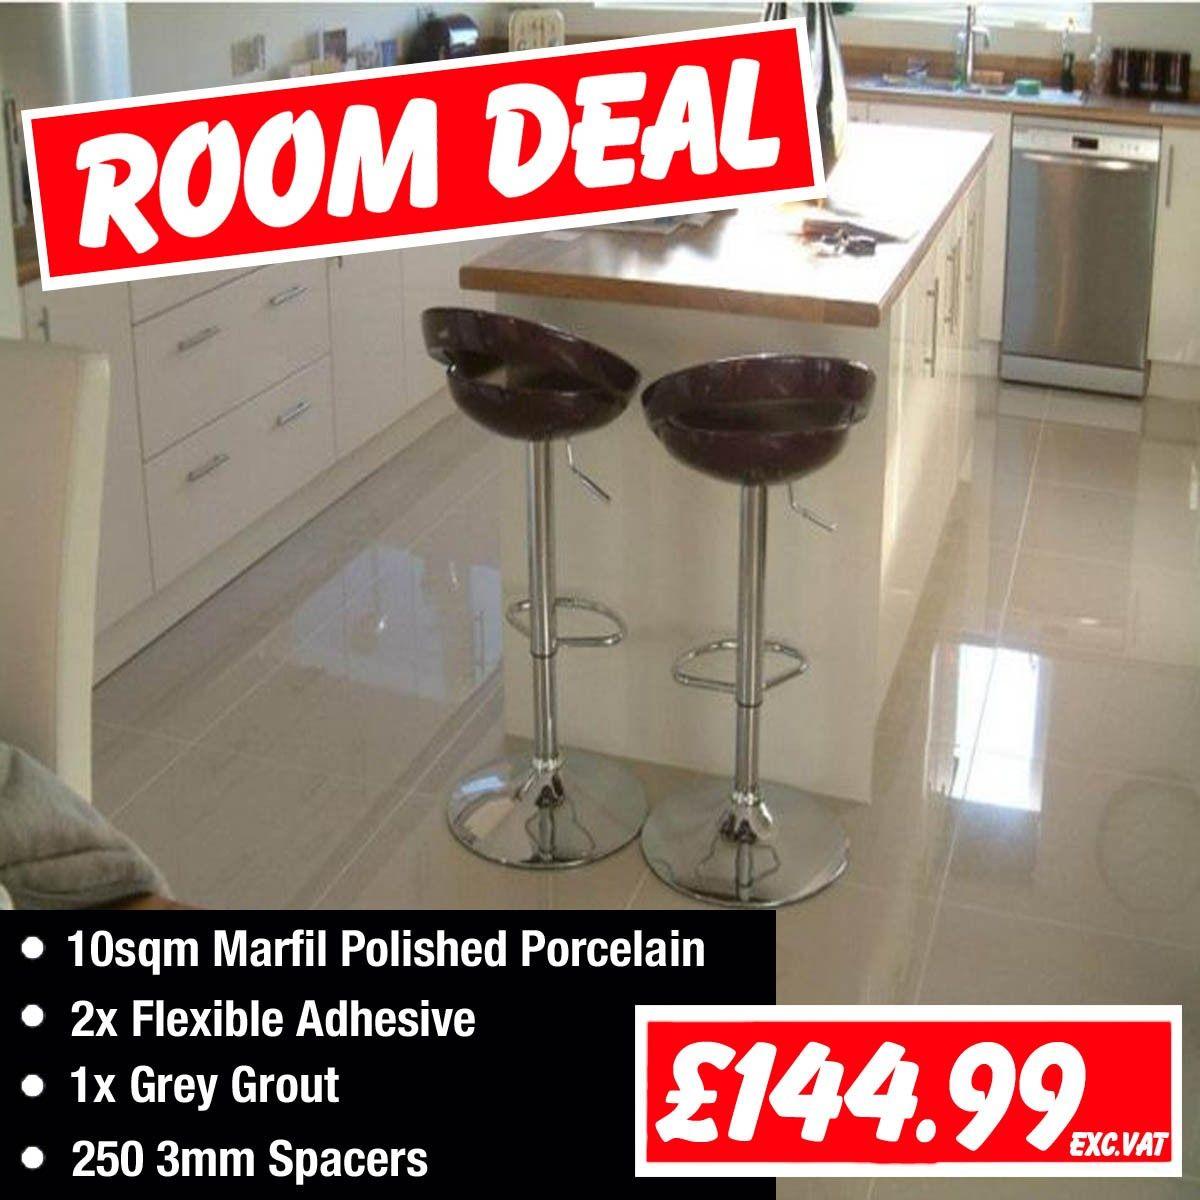 Marfil Polished Porcelain ROOM DEAL! Includes 10sqm of floor tile ...